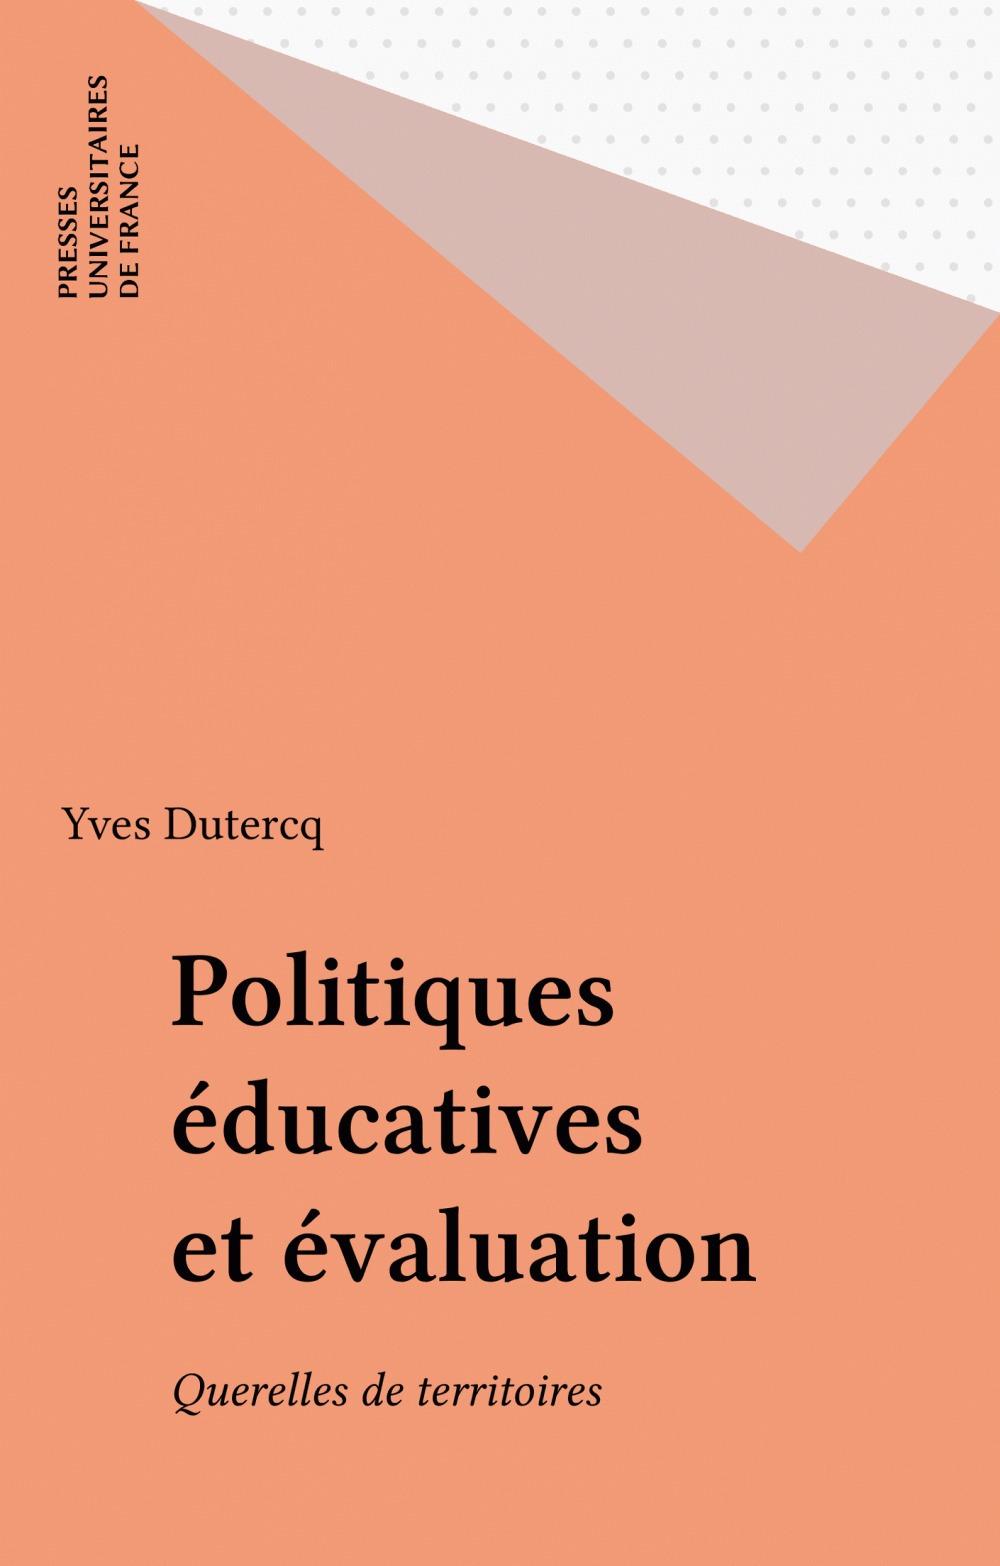 Politiques éducatives et évaluation ; querelles de teritoires